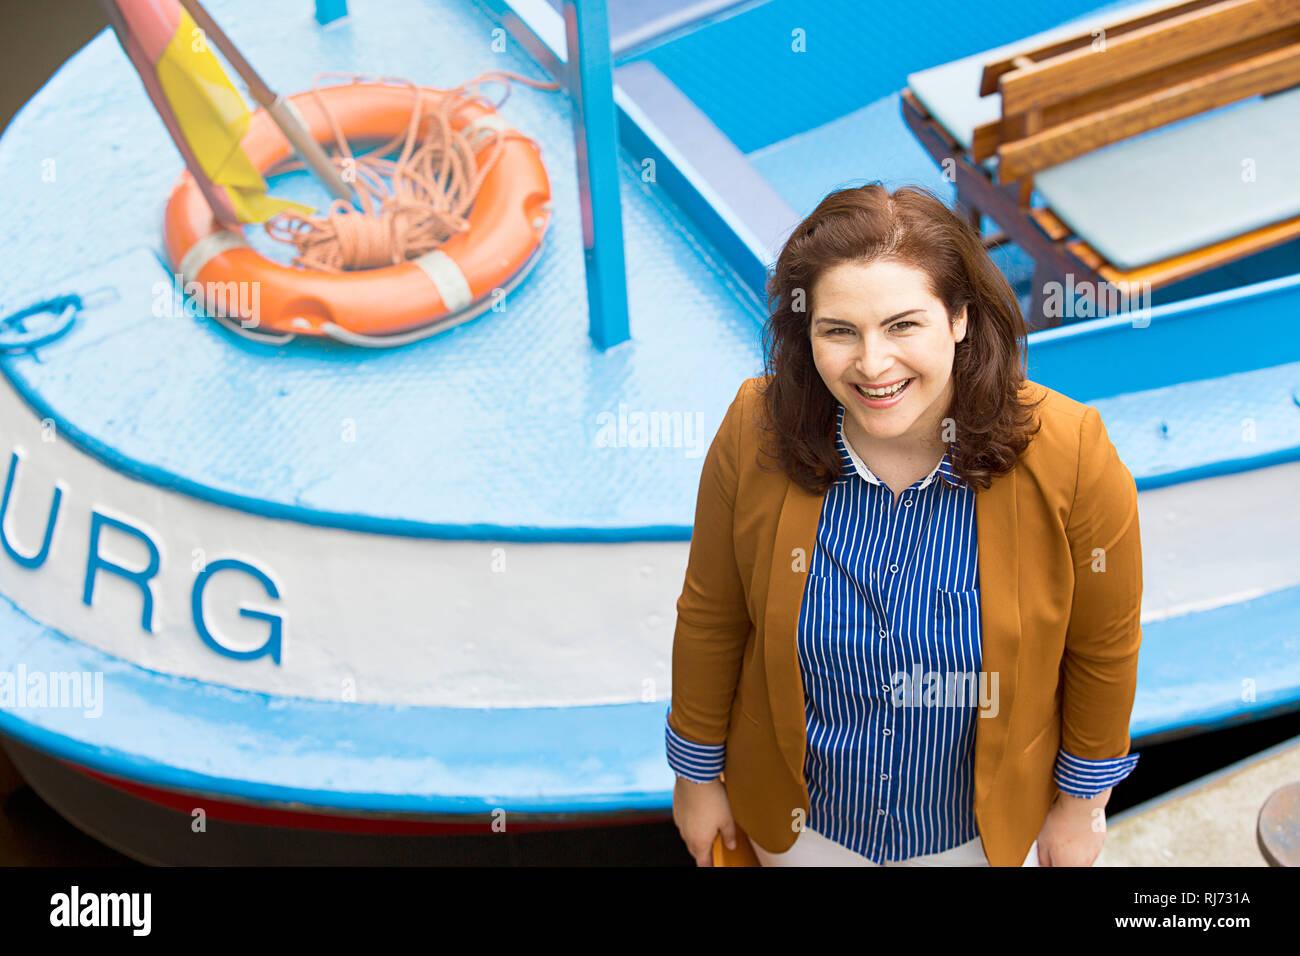 Frau, lächeln, Hafen, Boot, Detail, Halbporträt, von oben, - Stock Image